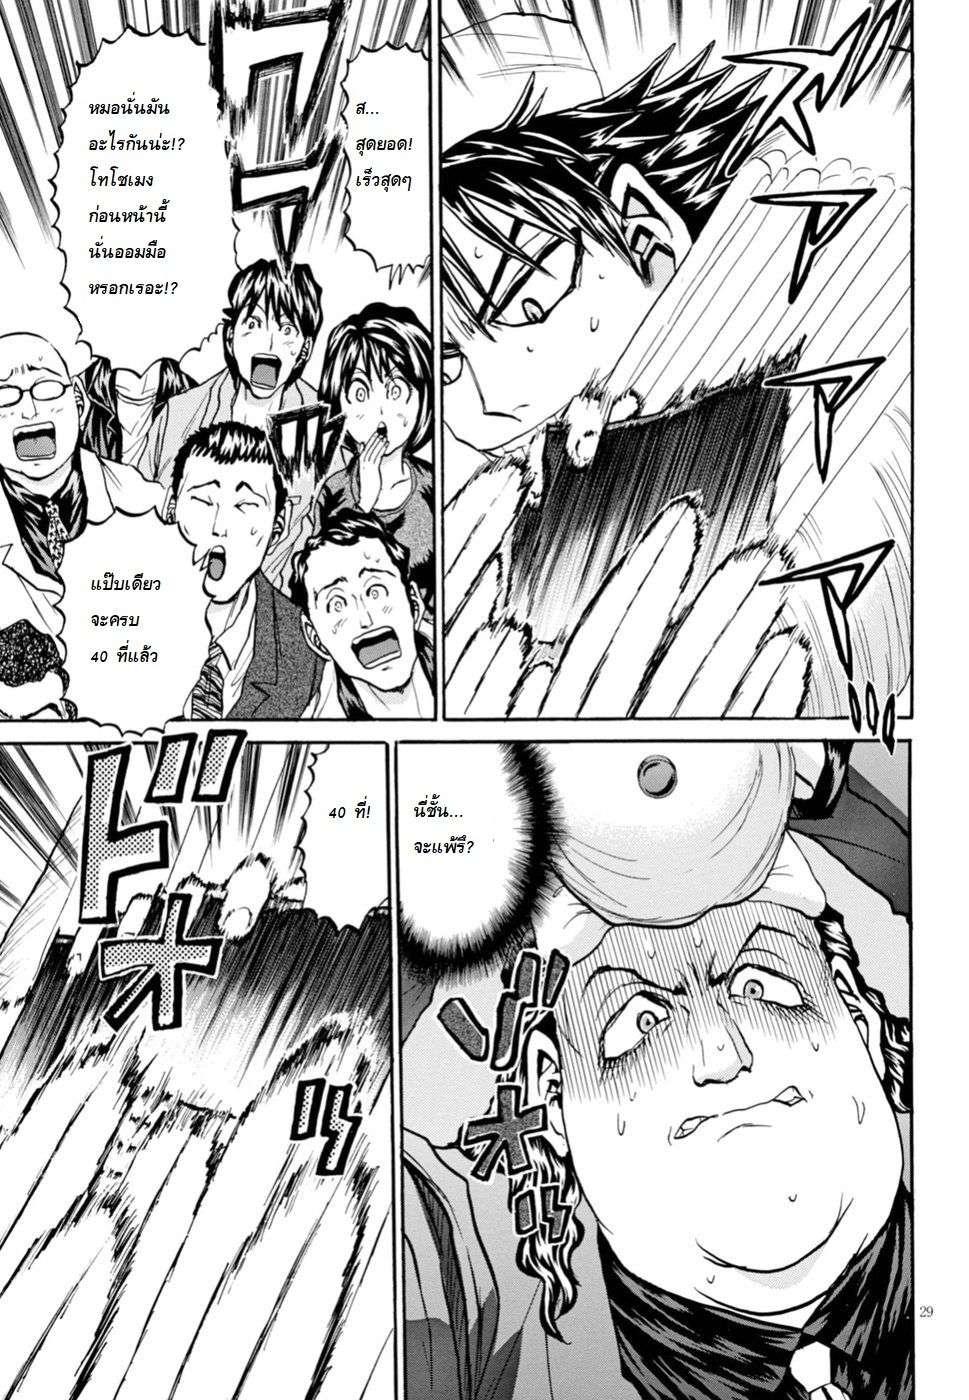 อ่านการ์ตูน Tetsunabe no Jan 2nd!! ตอนที่ 5 หน้าที่ 27